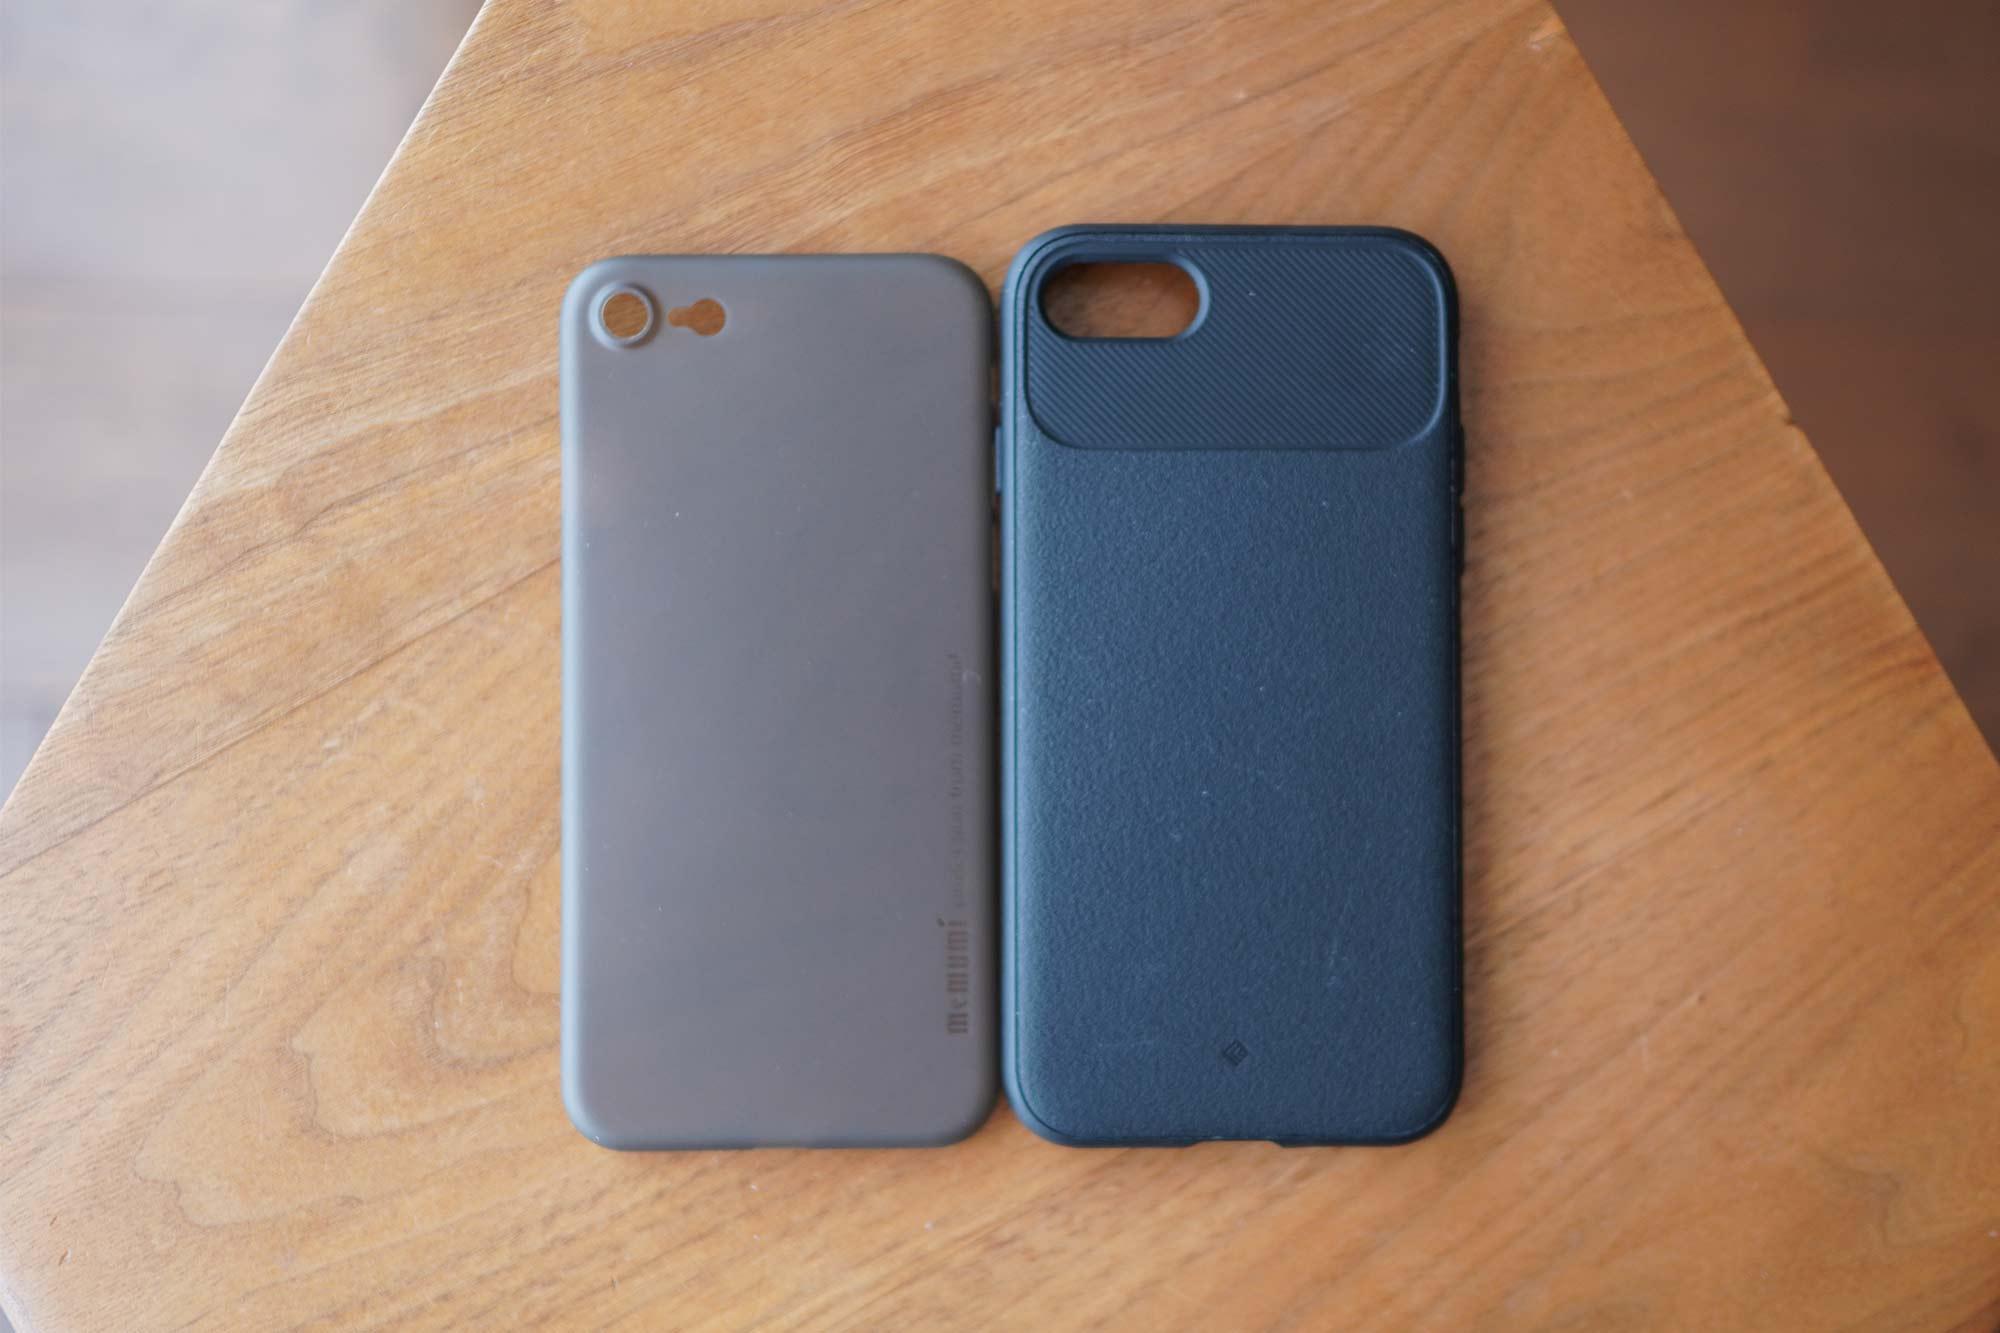 iPhone SE,iPhone 8,iPhone7,ケース,最薄型,最軽量,memumi,比較